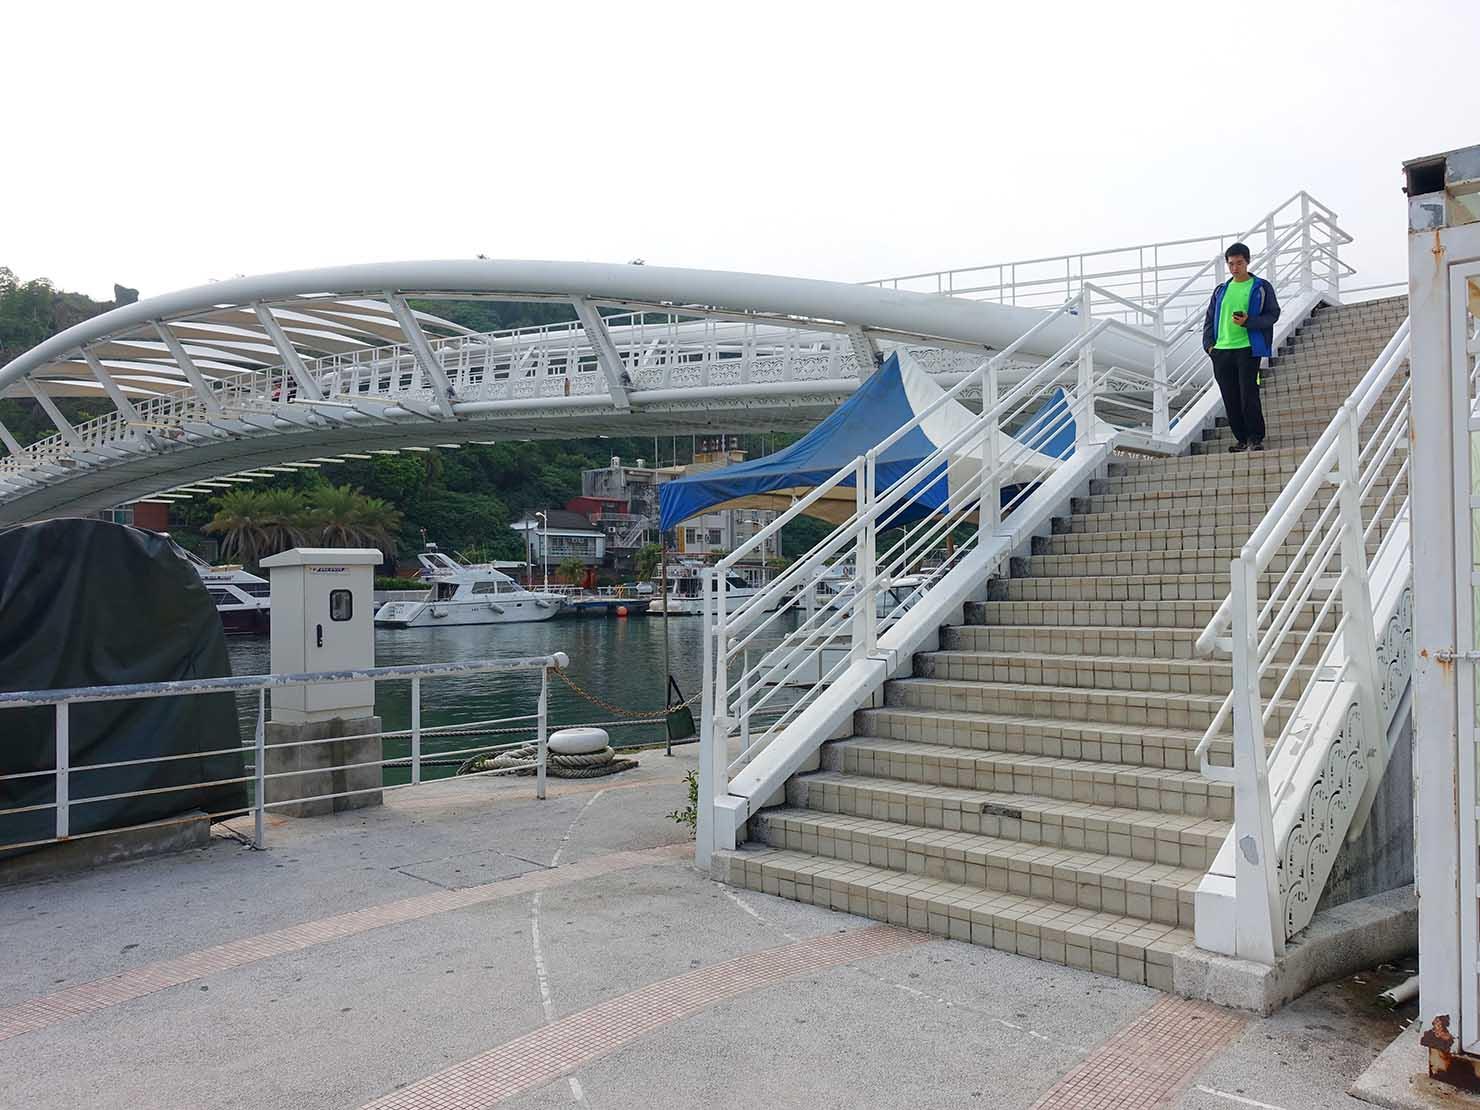 高雄・西子灣の鼓山輪渡站(旗津行きフェリー乗り場)横の白い橋